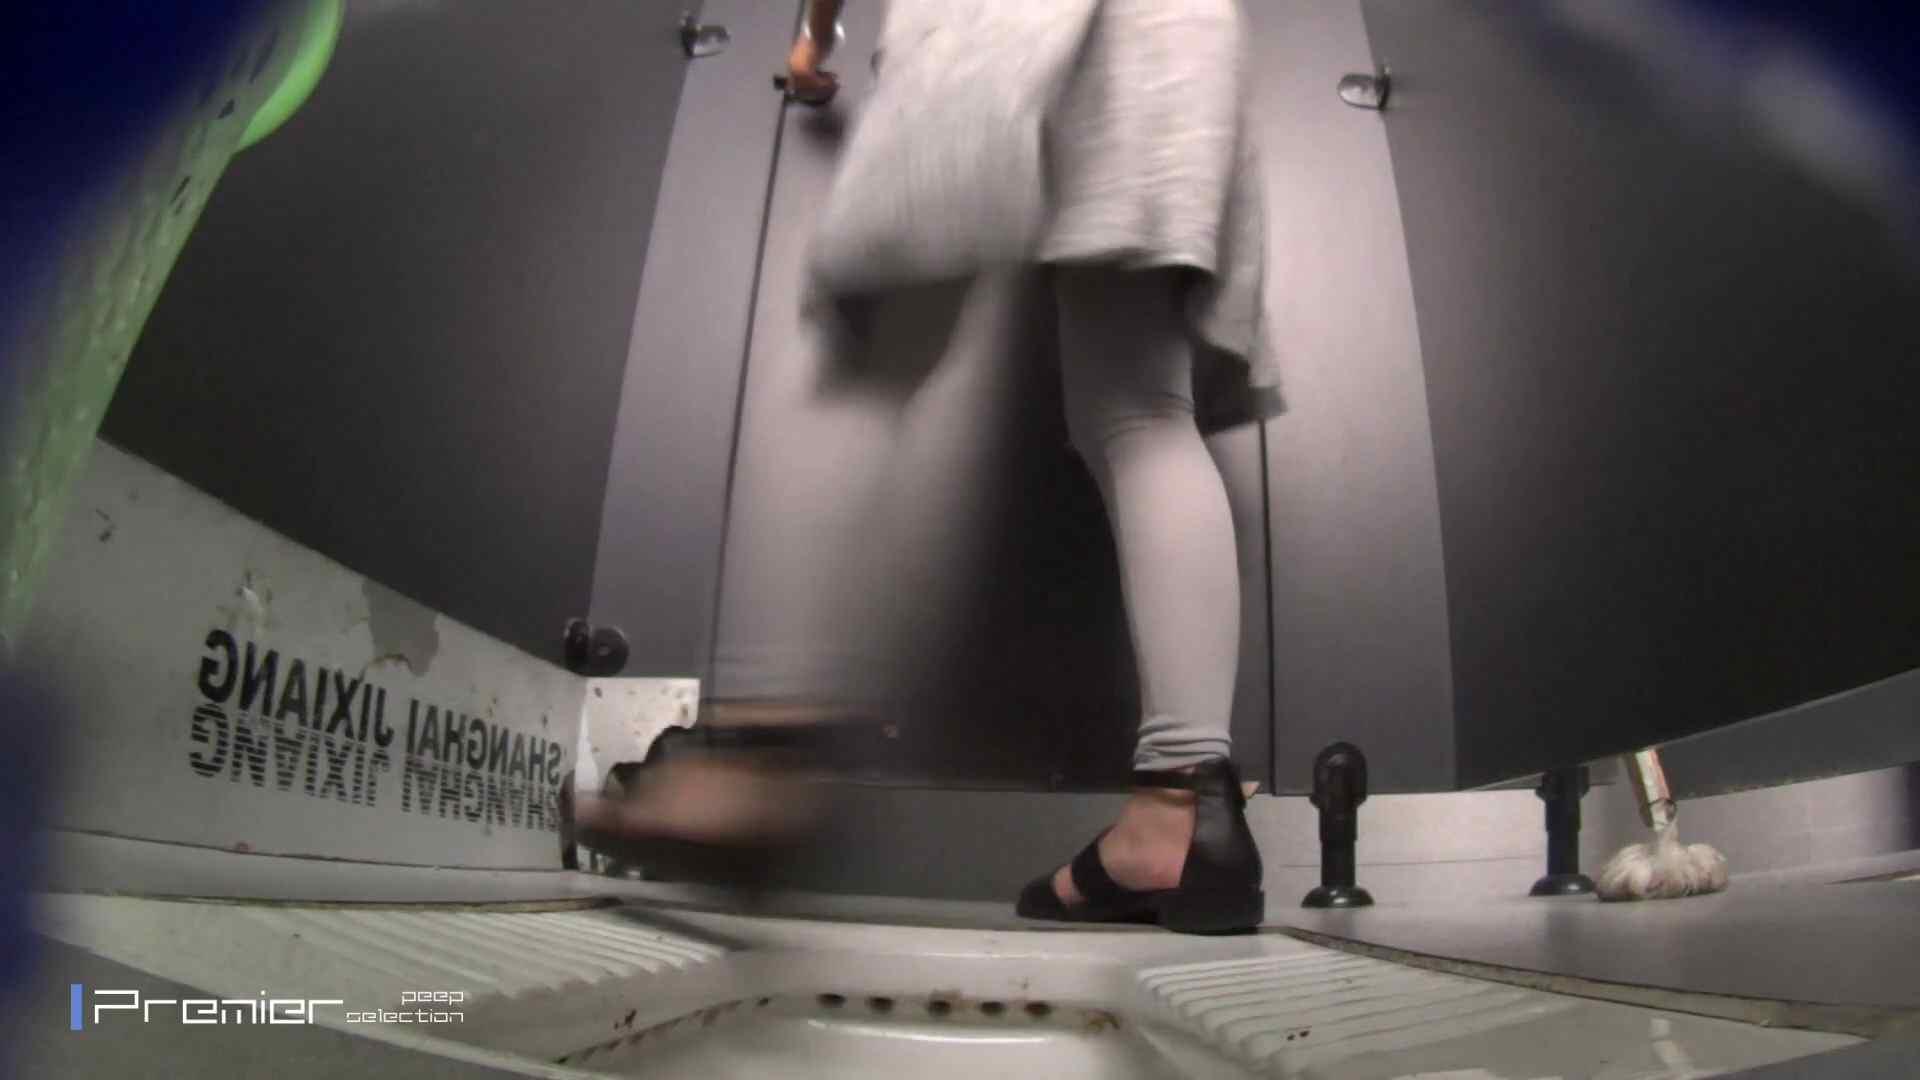 グレースパッツお女市さん 大学休憩時間の洗面所事情31 細身体型 セックス画像 84枚 40